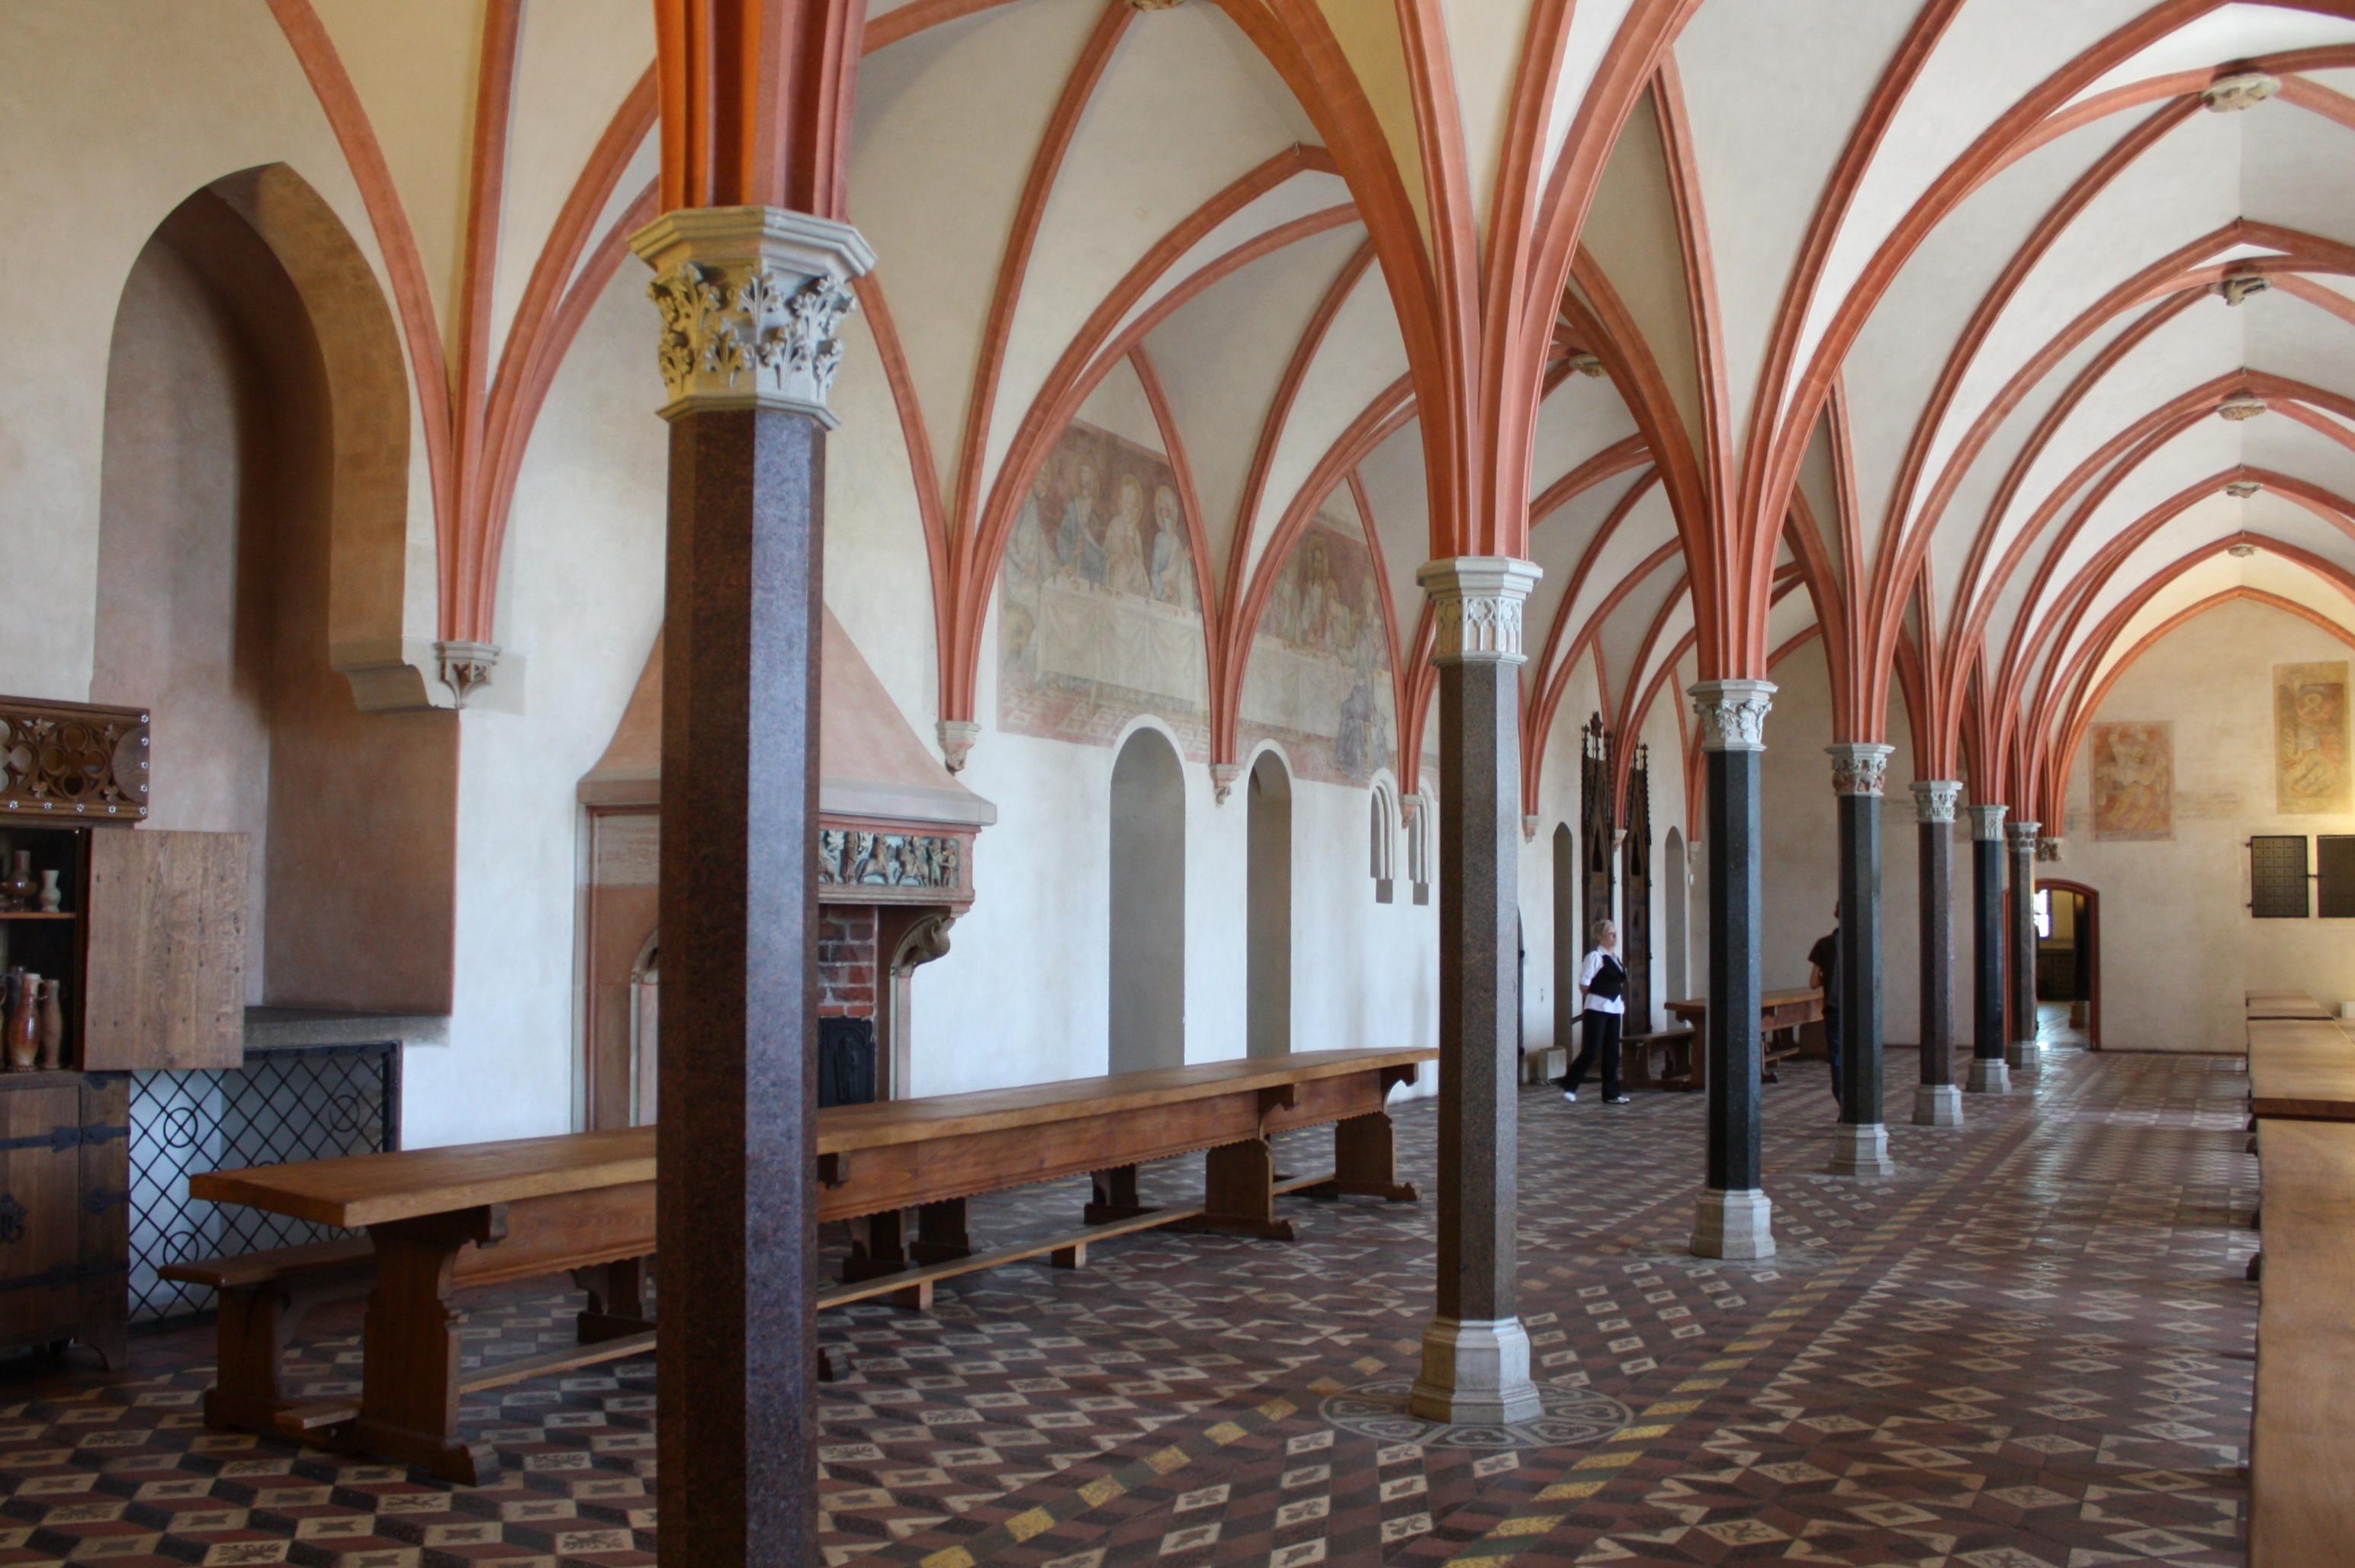 File:Malbork, Zamek Wysoki, Refektarz konwentu.jpg - Wikimedia Commons: commons.wikimedia.org/wiki/file:malbork,_zamek_wysoki,_refektarz...